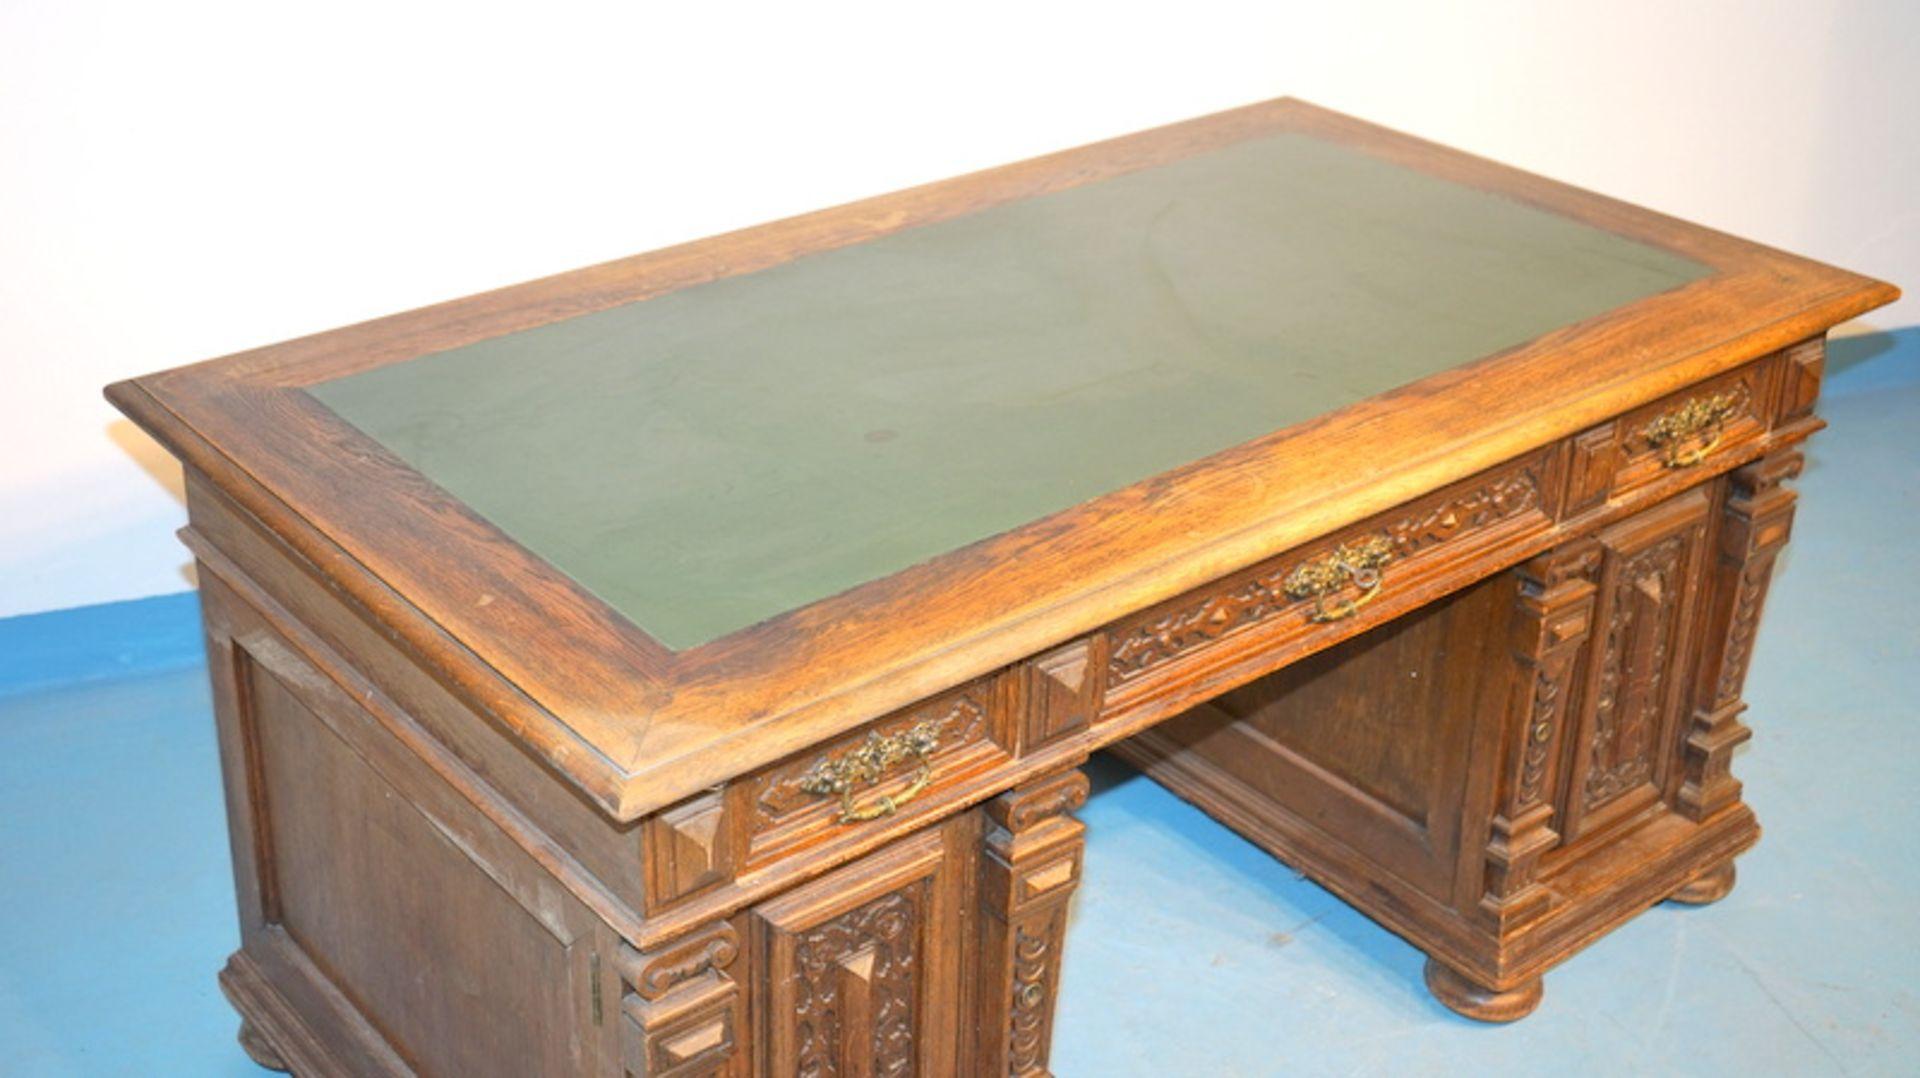 Schreibtisch der Gründerzeit, deutsch um 1890 - Bild 2 aus 3